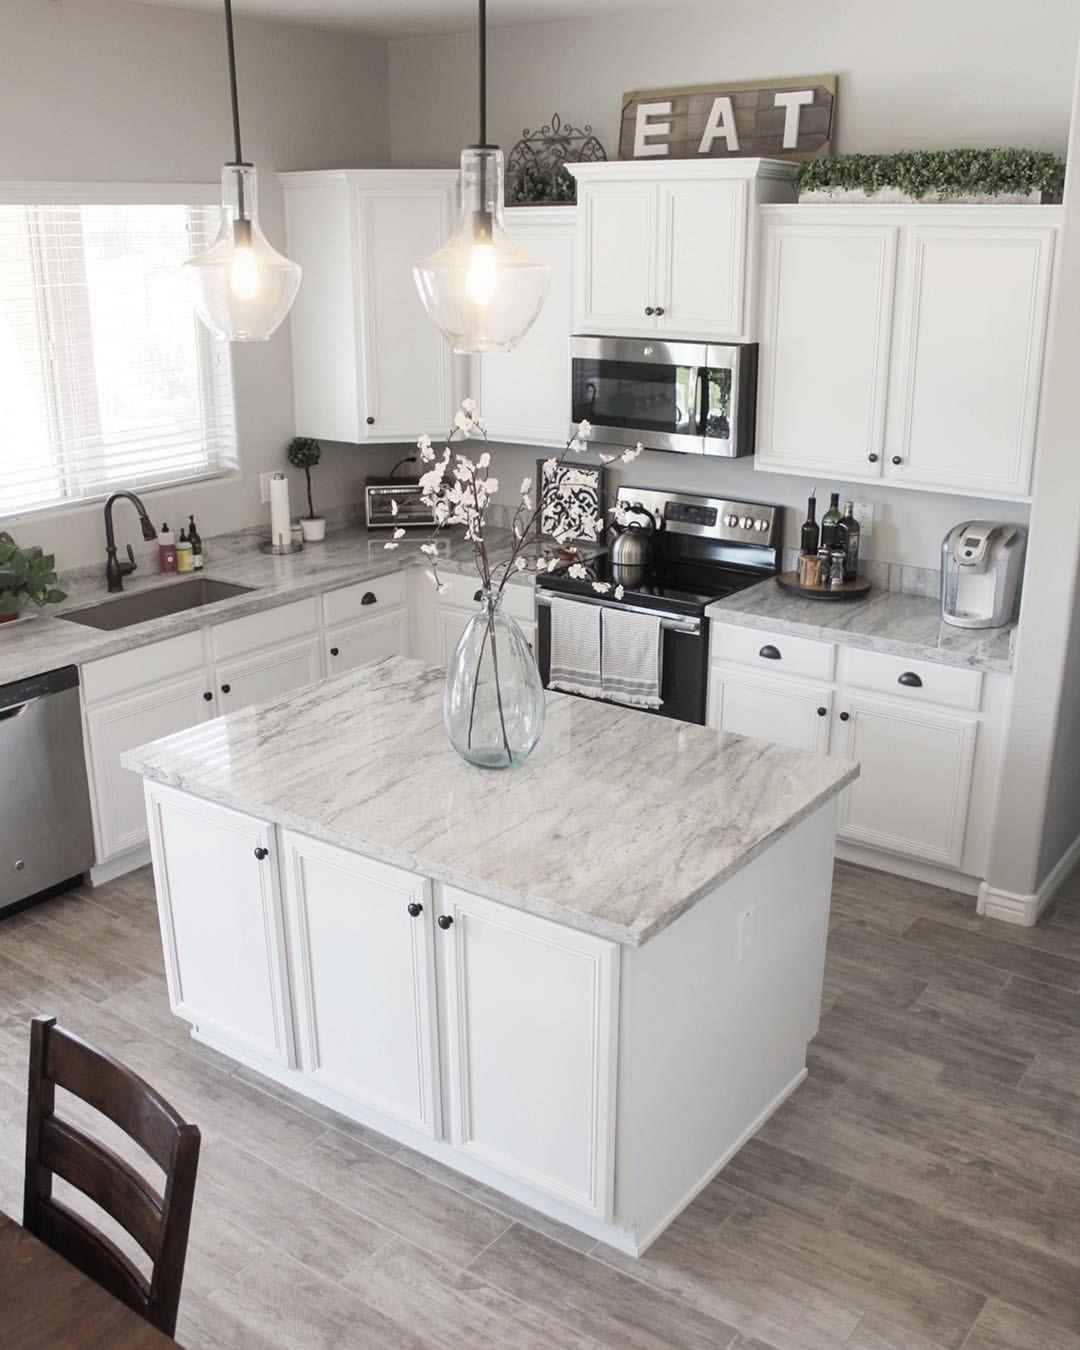 48 Elegant White Kitchen Design Ideas For More Comfortable Kitchen Design Small Kitchen Design White Kitchen Design